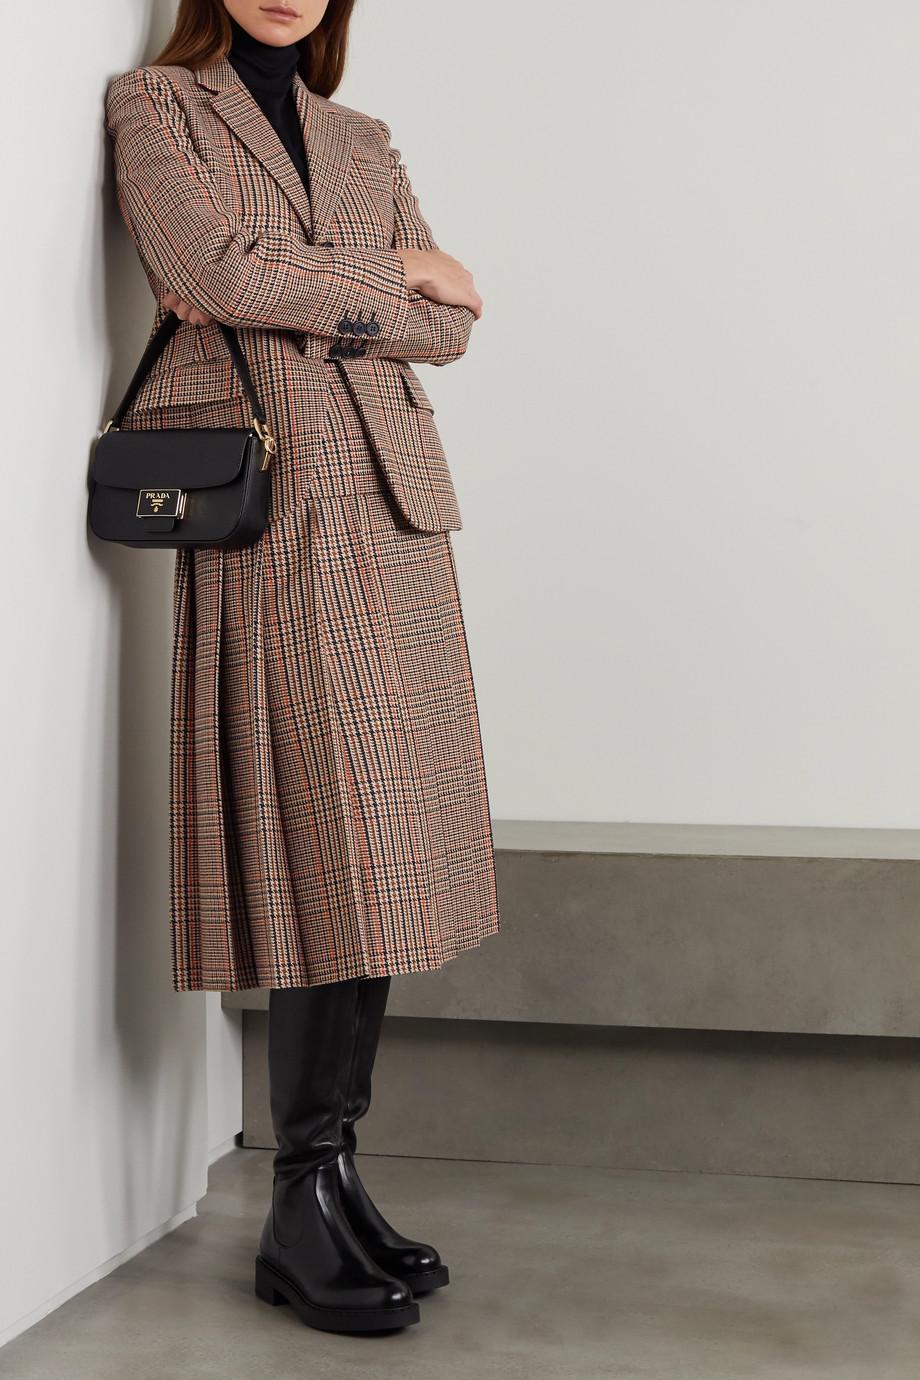 Prada Midirock aus Tweed aus einer Woll-Kaschmirmischung mit Karomuster und Falten